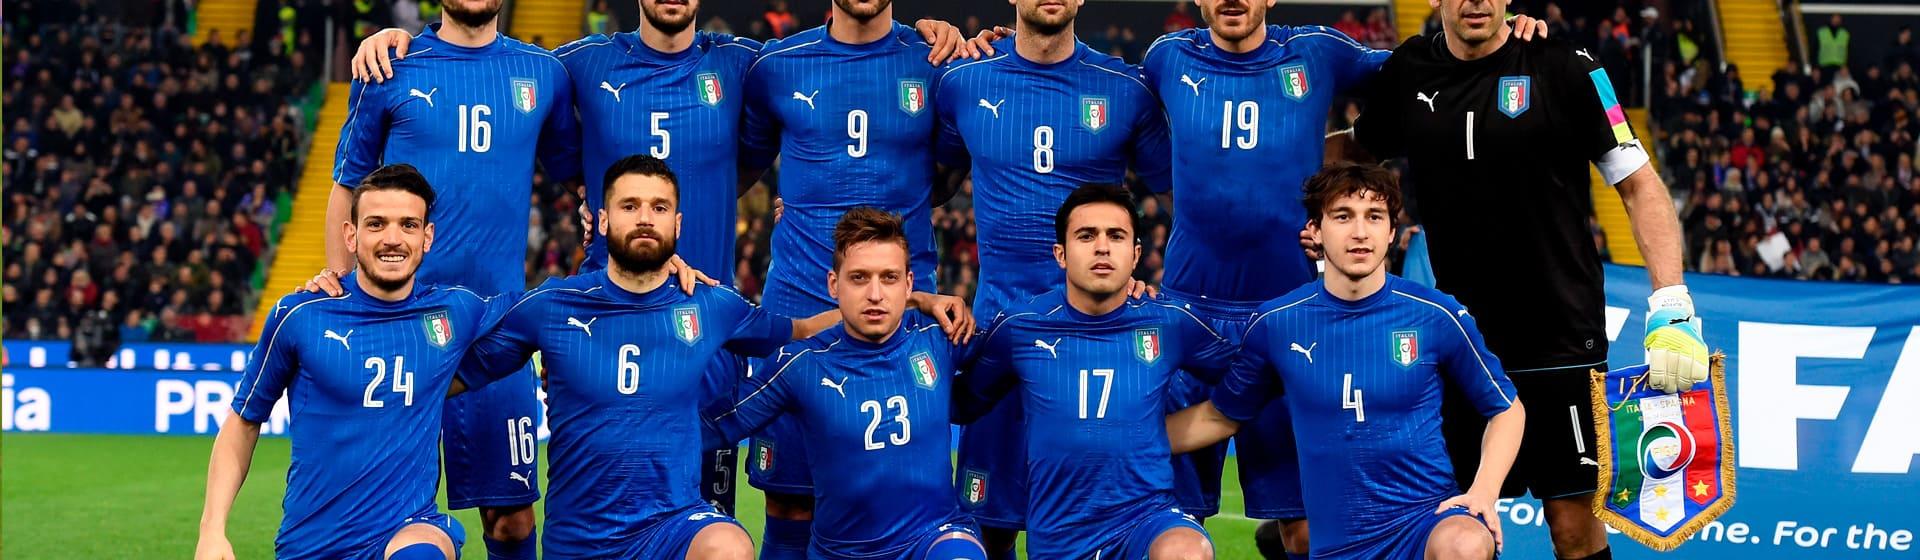 Сборная Италии - Мерч и одежда с атрибутикой